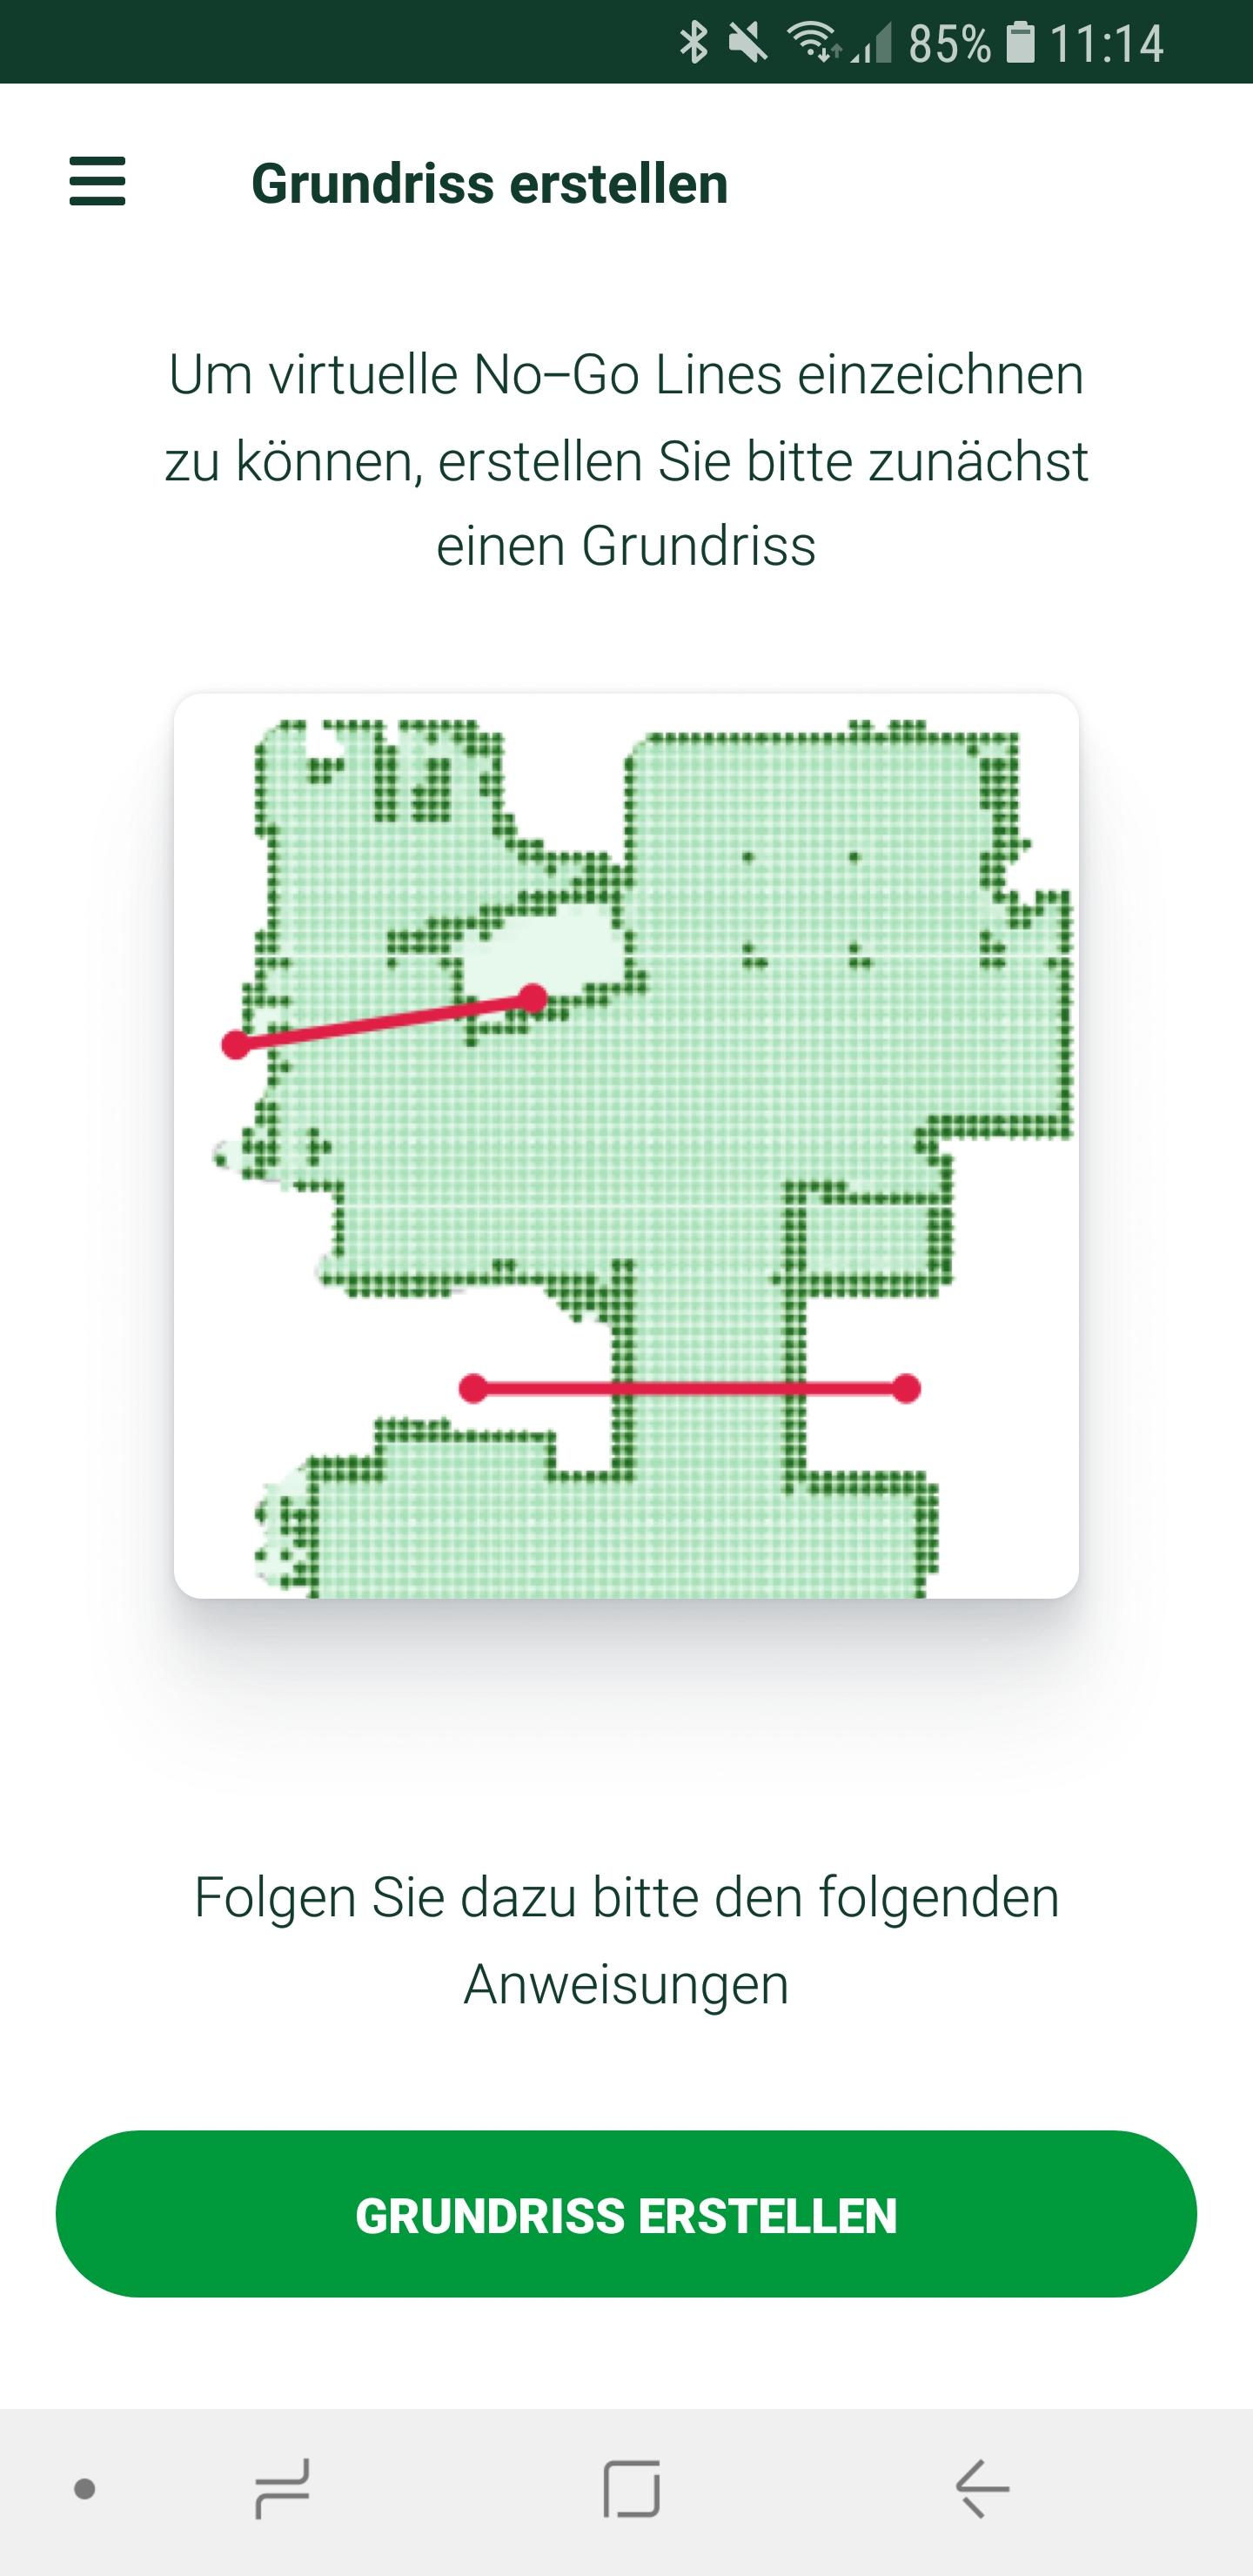 Vorwerk-Kobold-VR300-Grundriss-erstellen-1